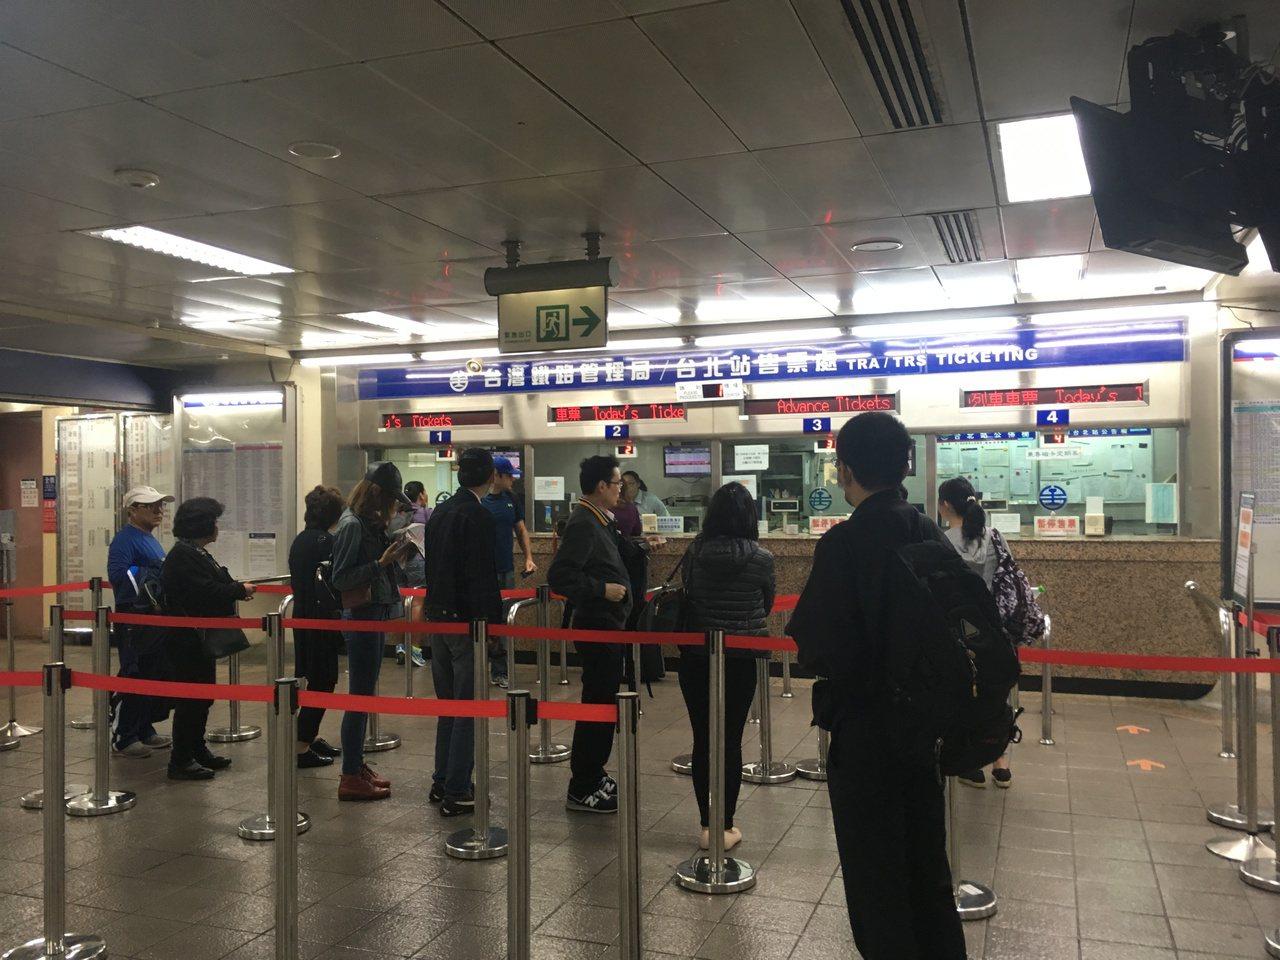 第四代票務系統明年5月以後上線,票券分配更靈活。圖為台鐵人工售票處。記者雷光涵/...